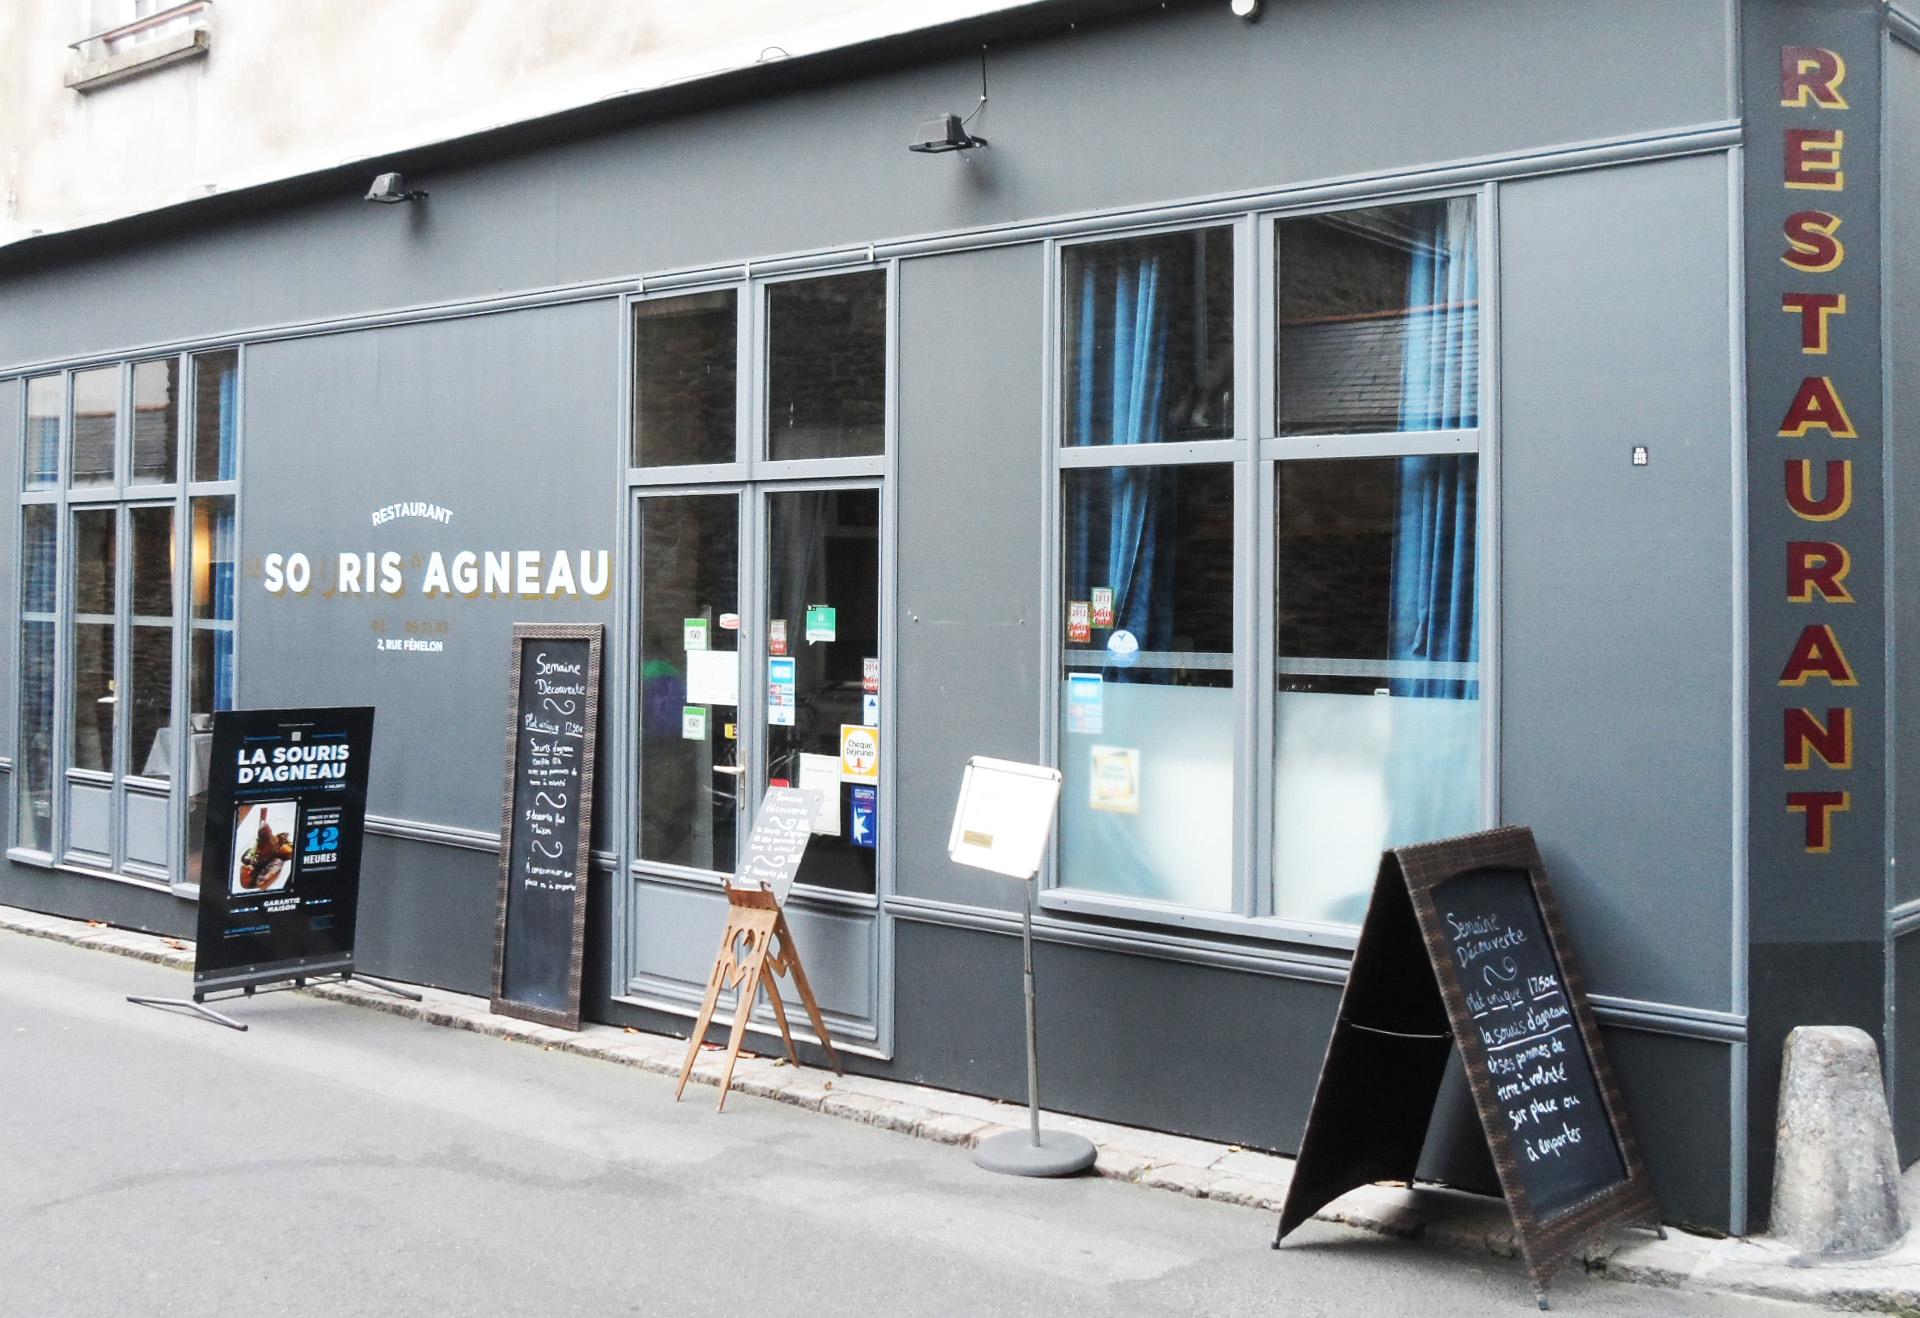 Si vous aimez la souris d'agneau, une adresse à Nantes